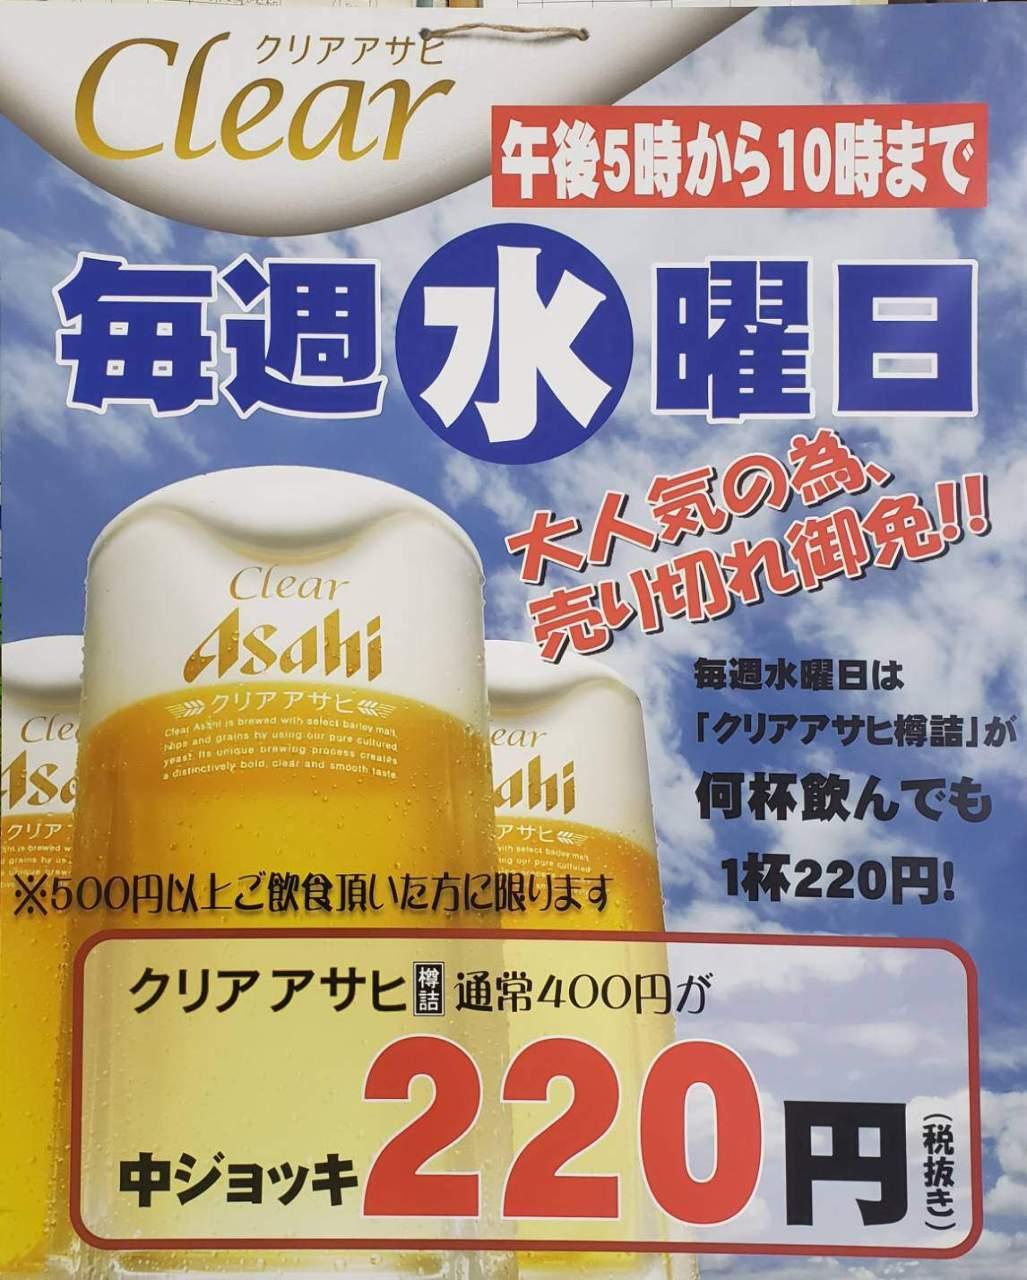 水曜日はクリアアサヒが1杯220円!